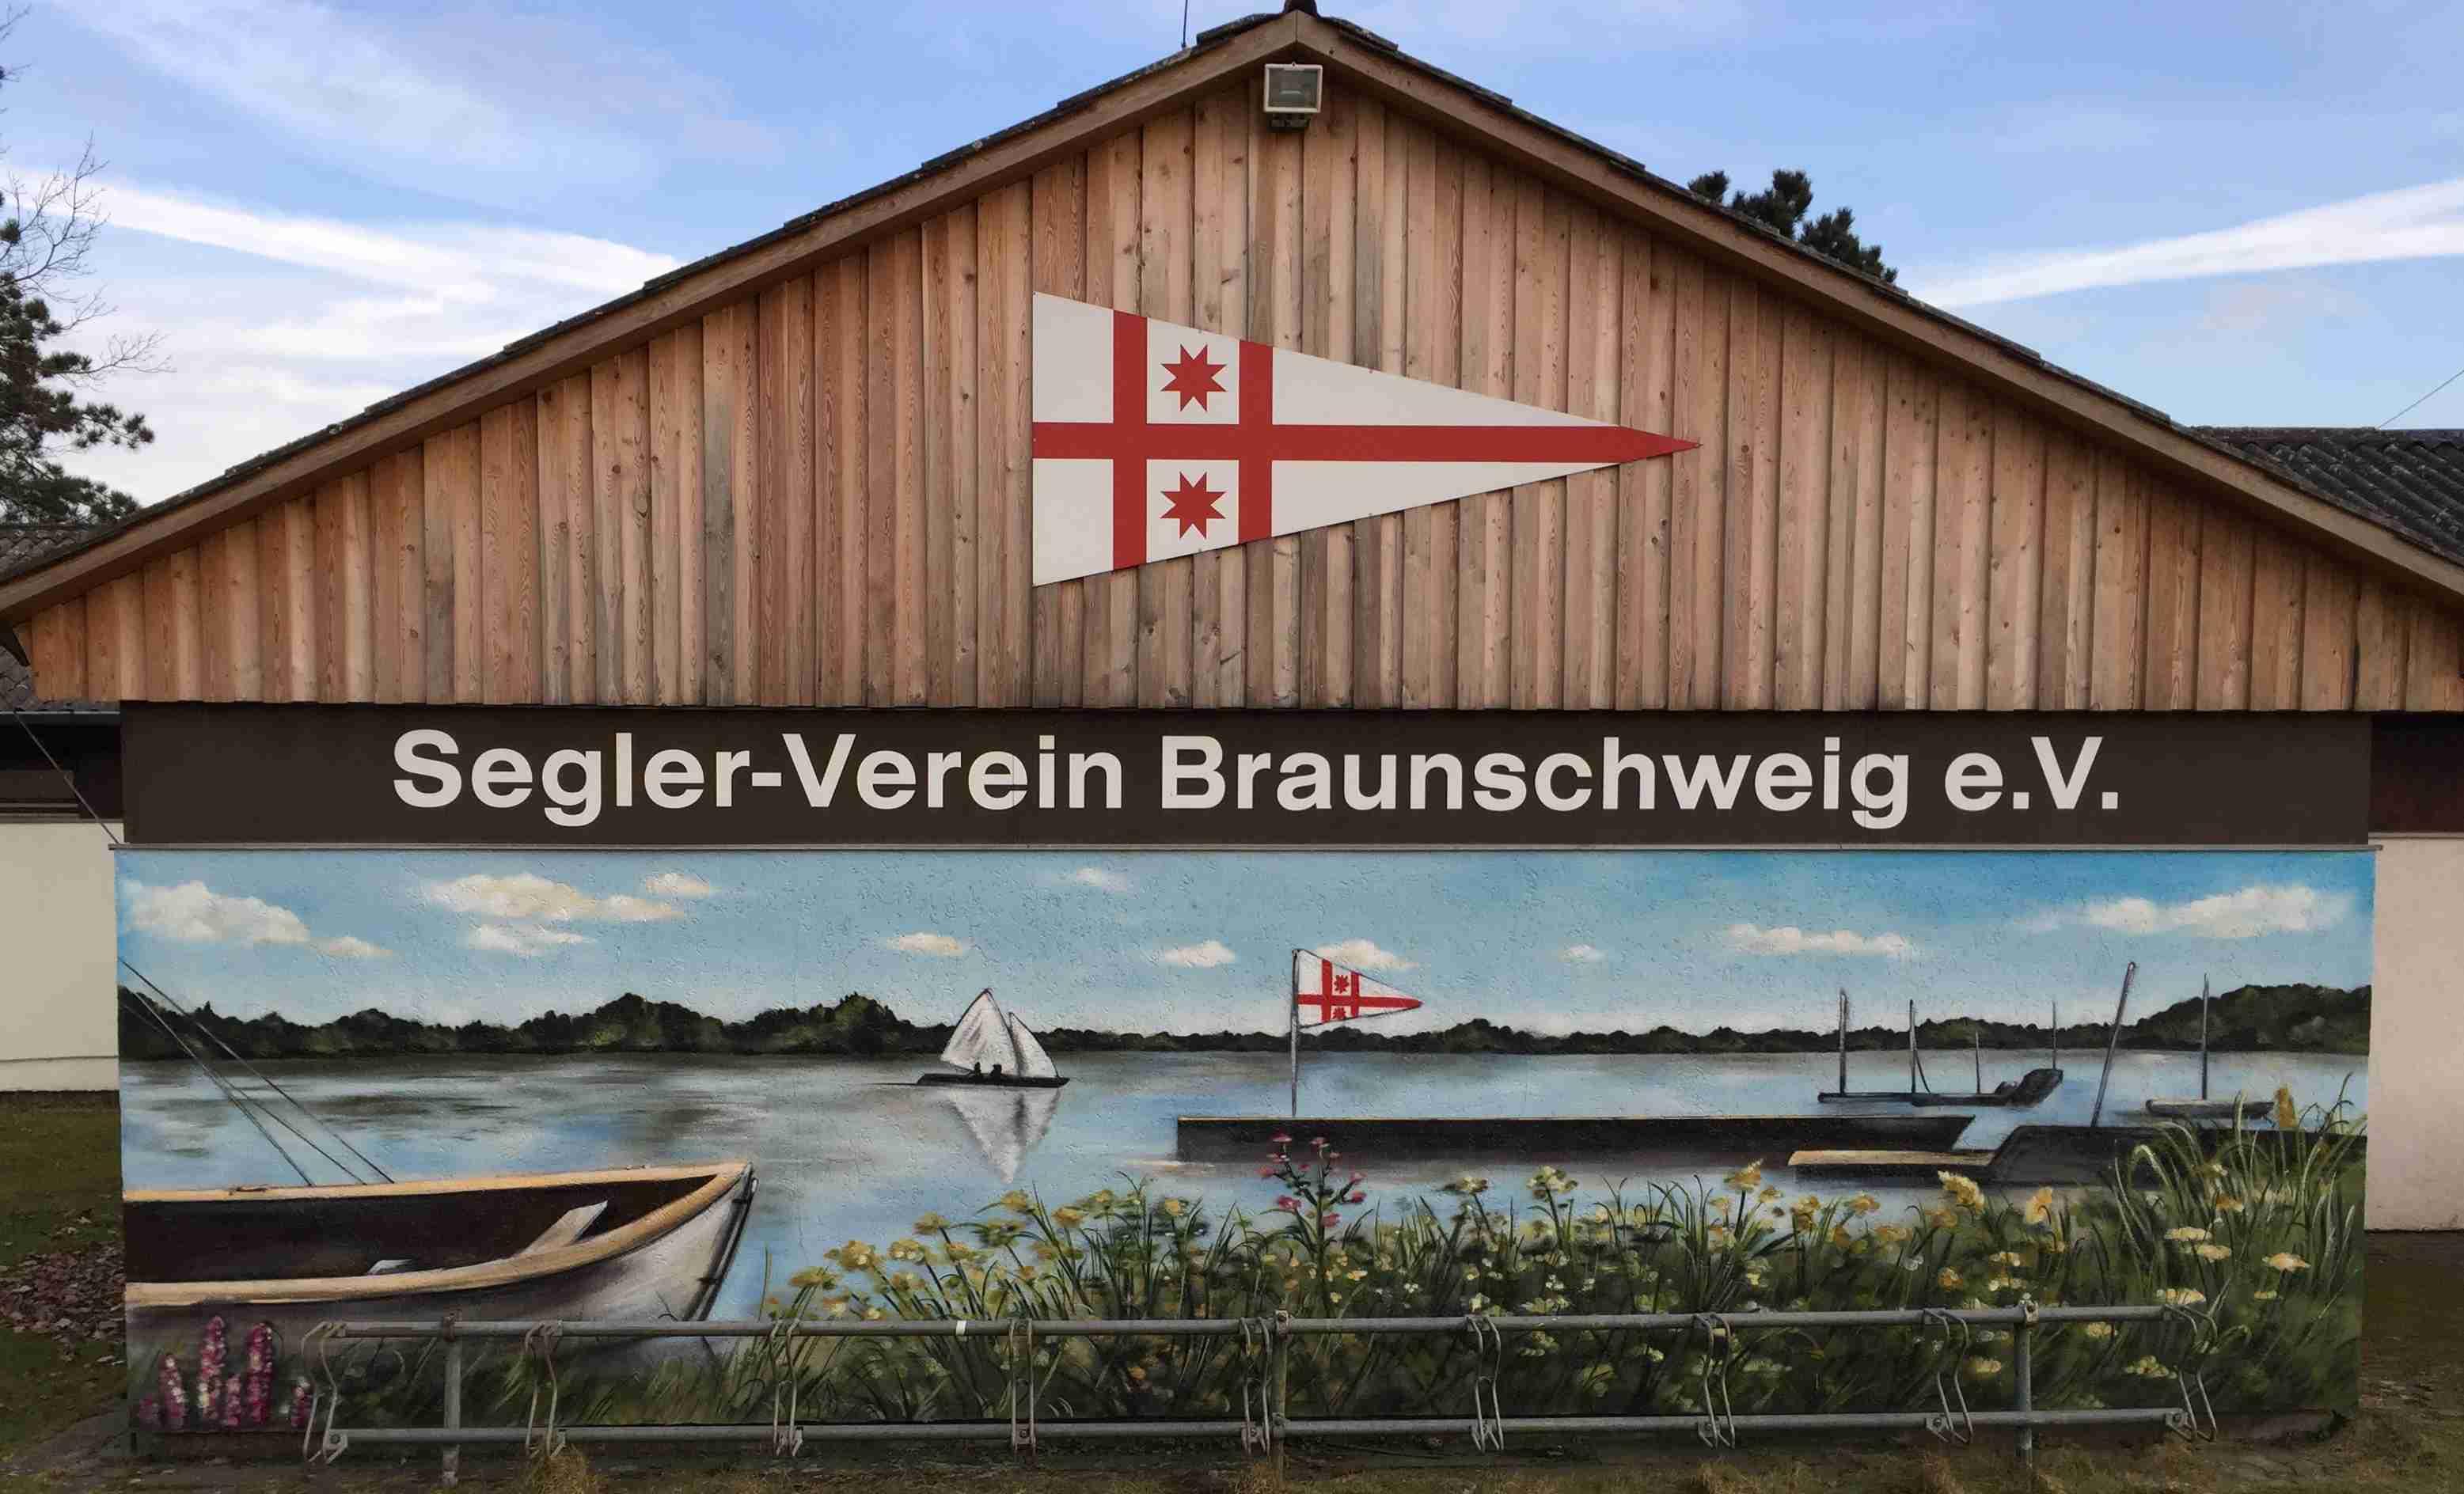 Fassadenmalerei am SVBS-Vereinsheim